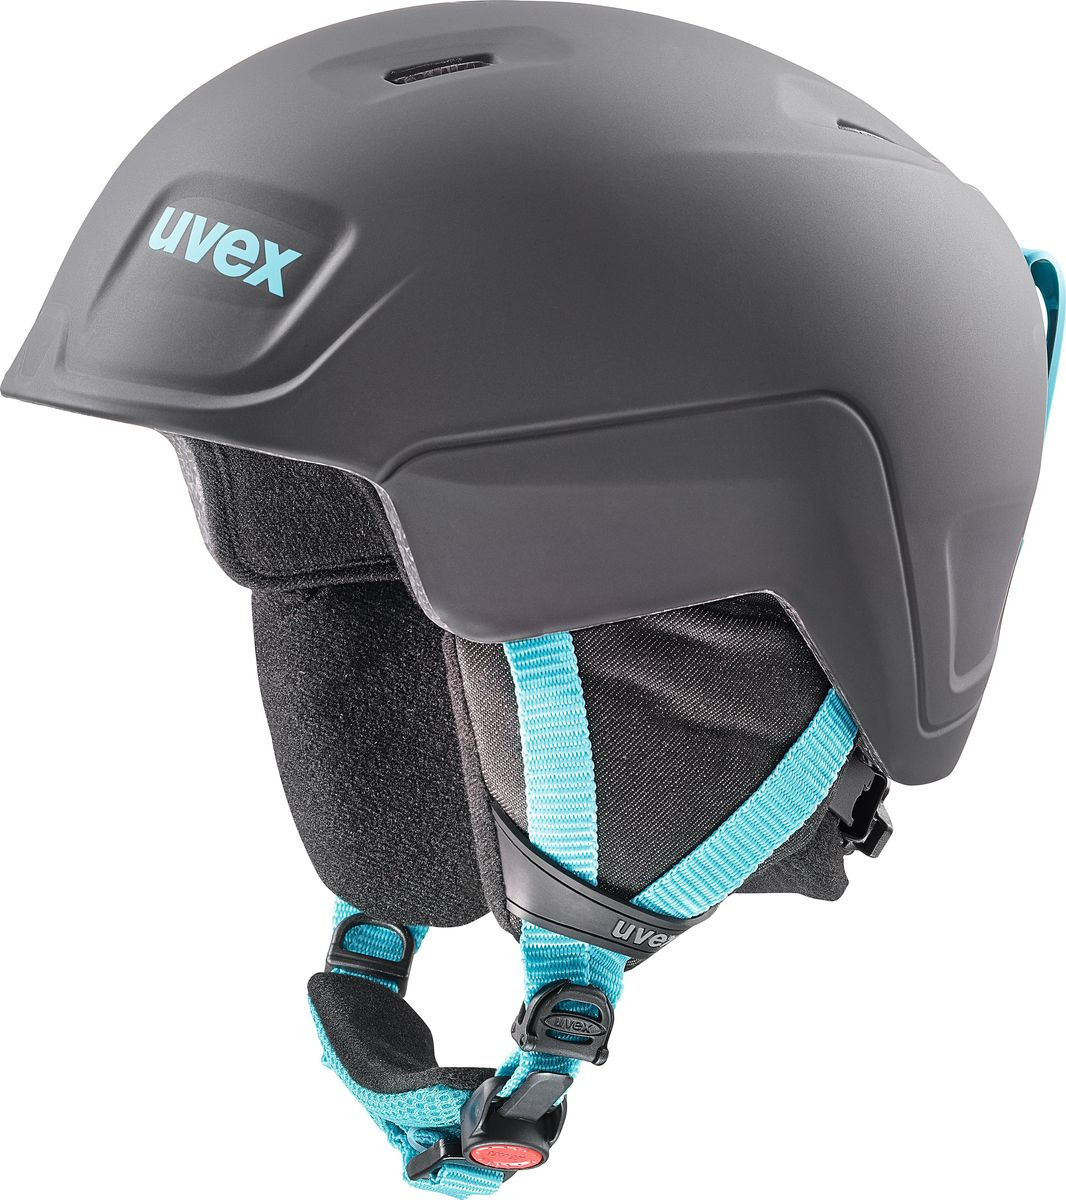 Шлем горнолыжный для мальчика Uvex Manic Pro Kid's Helmet, 6224-24, черный, синий. Размер 46/50 шлем горнолыжный для мальчика uvex airwing 2 kid s helmet 6132 46 синий размер xxs